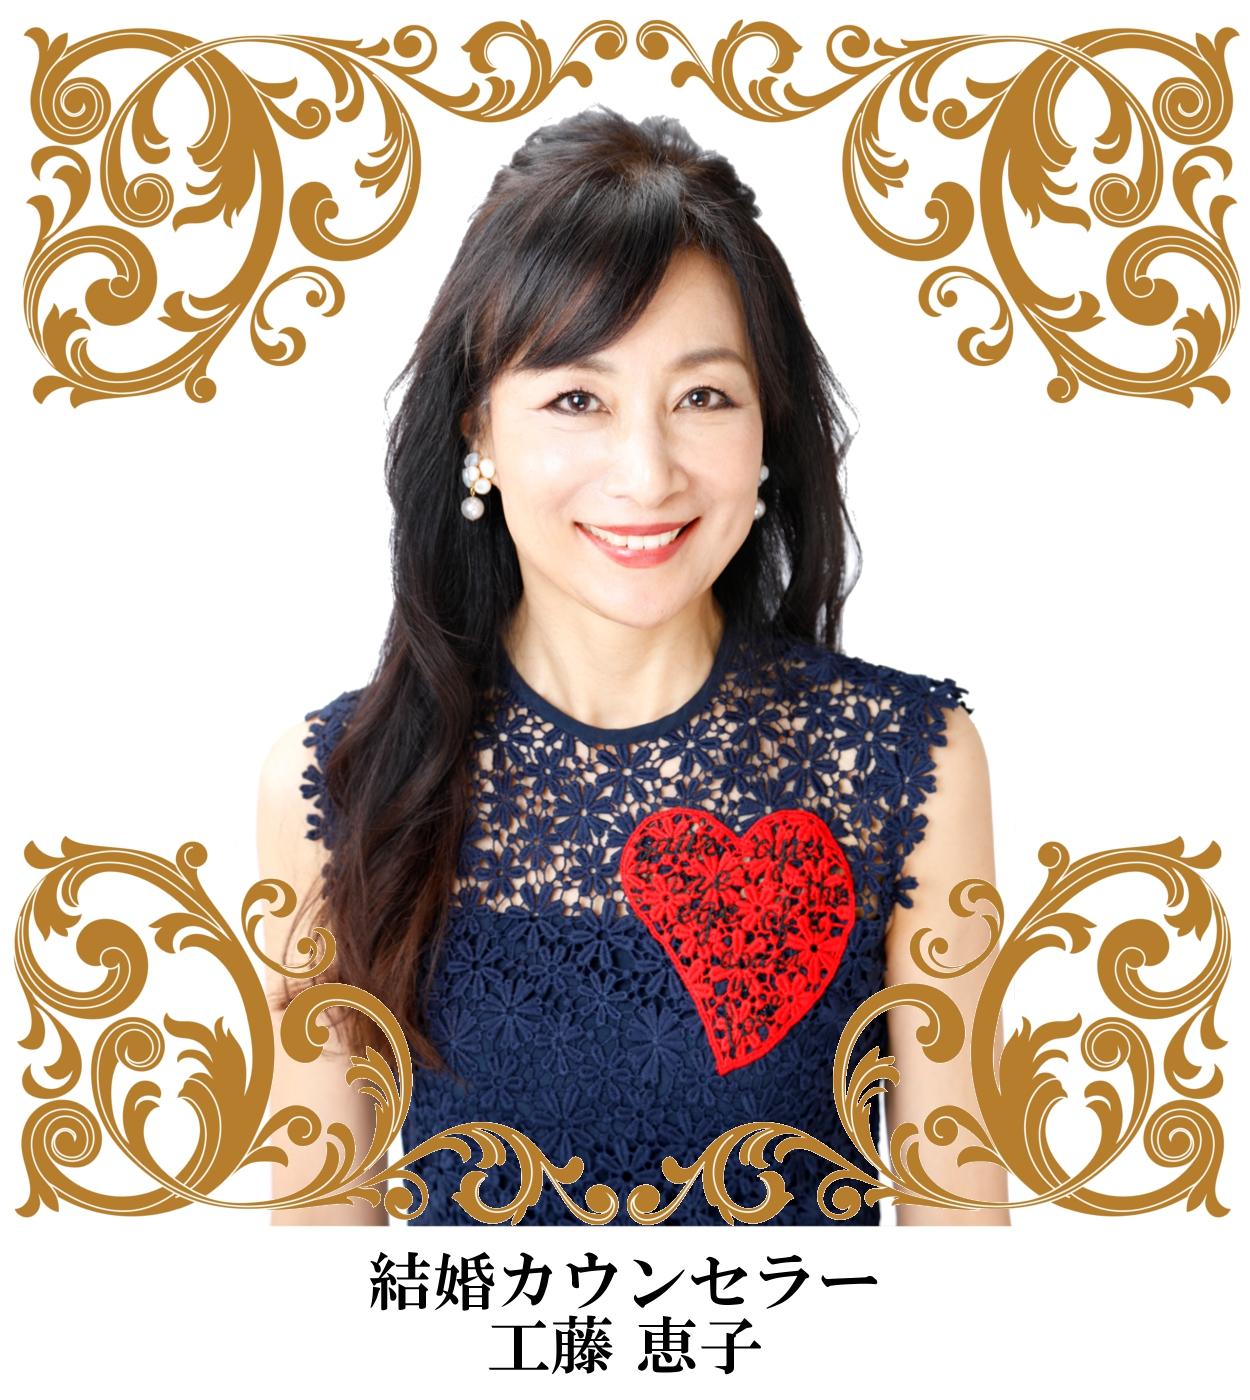 工藤恵子のイメージ画像